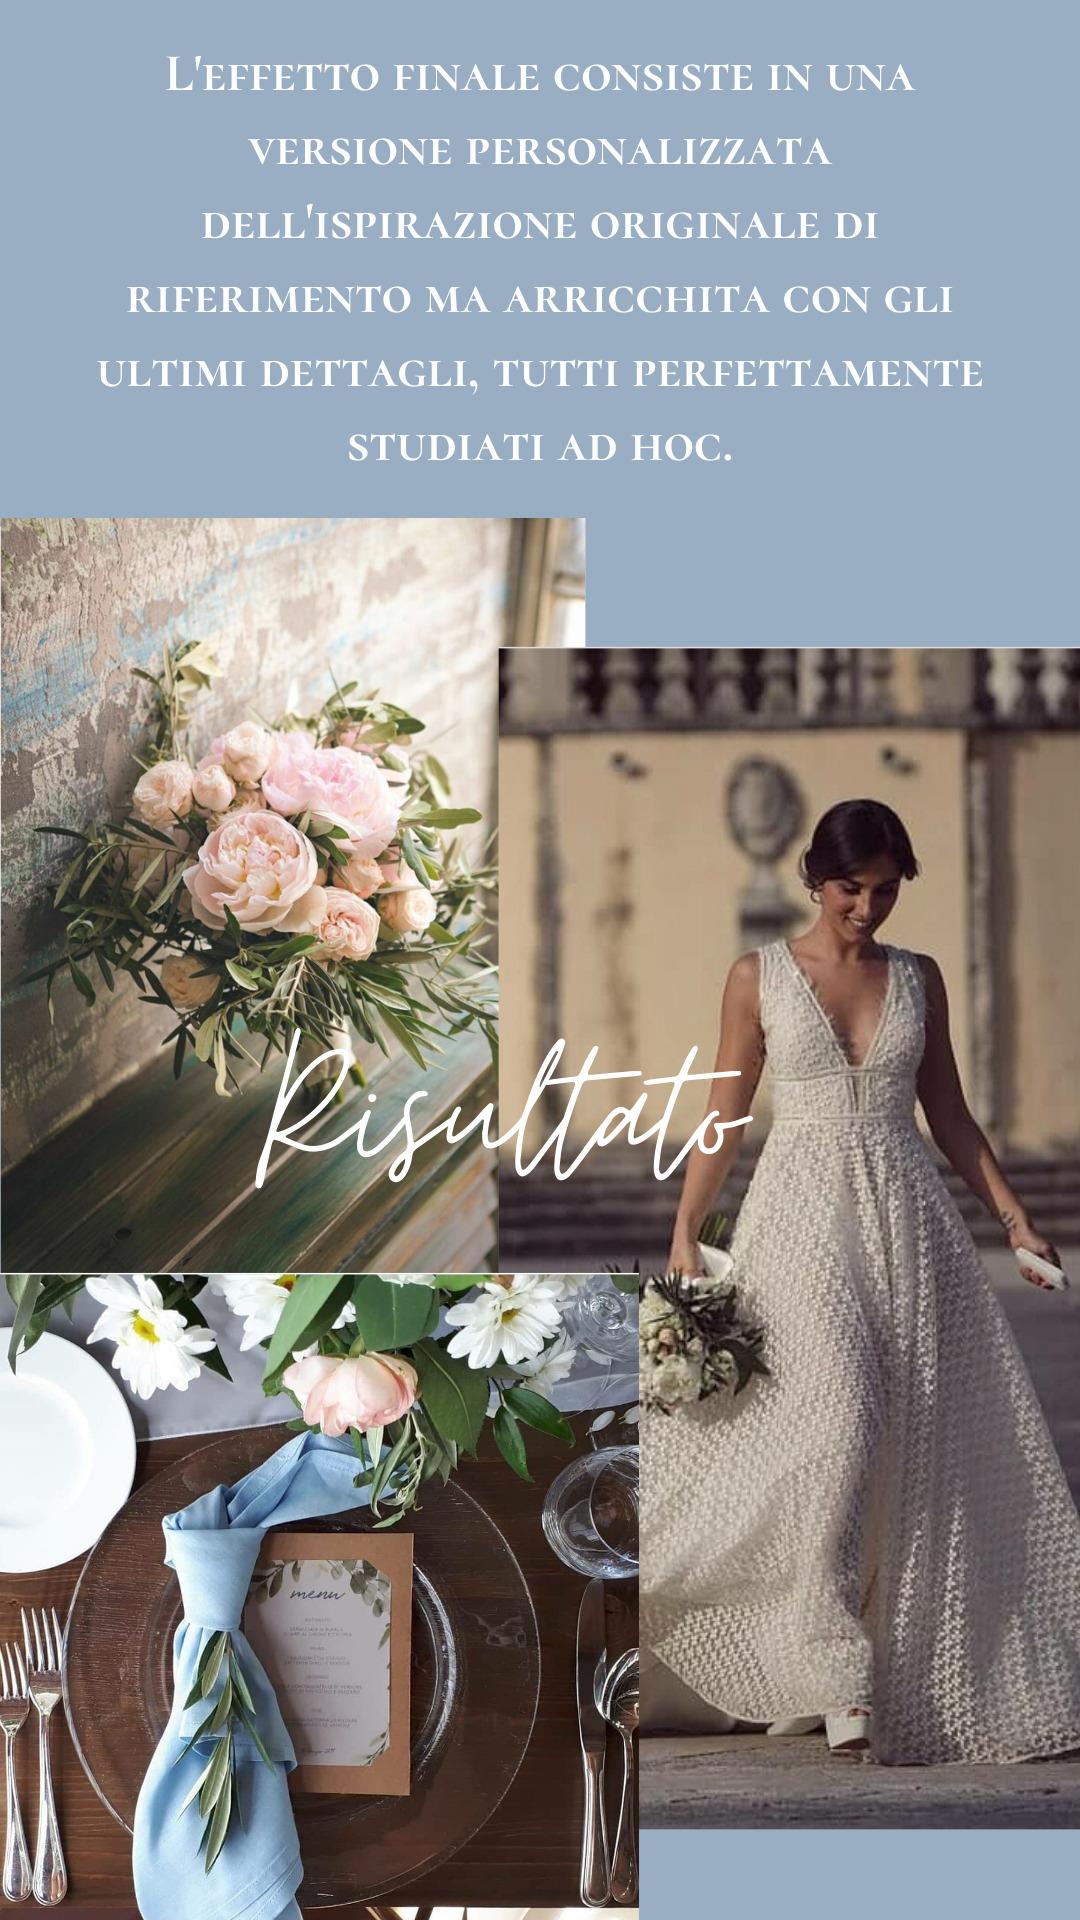 Wedding Planner Napoli - Personalizzazione delle nozze